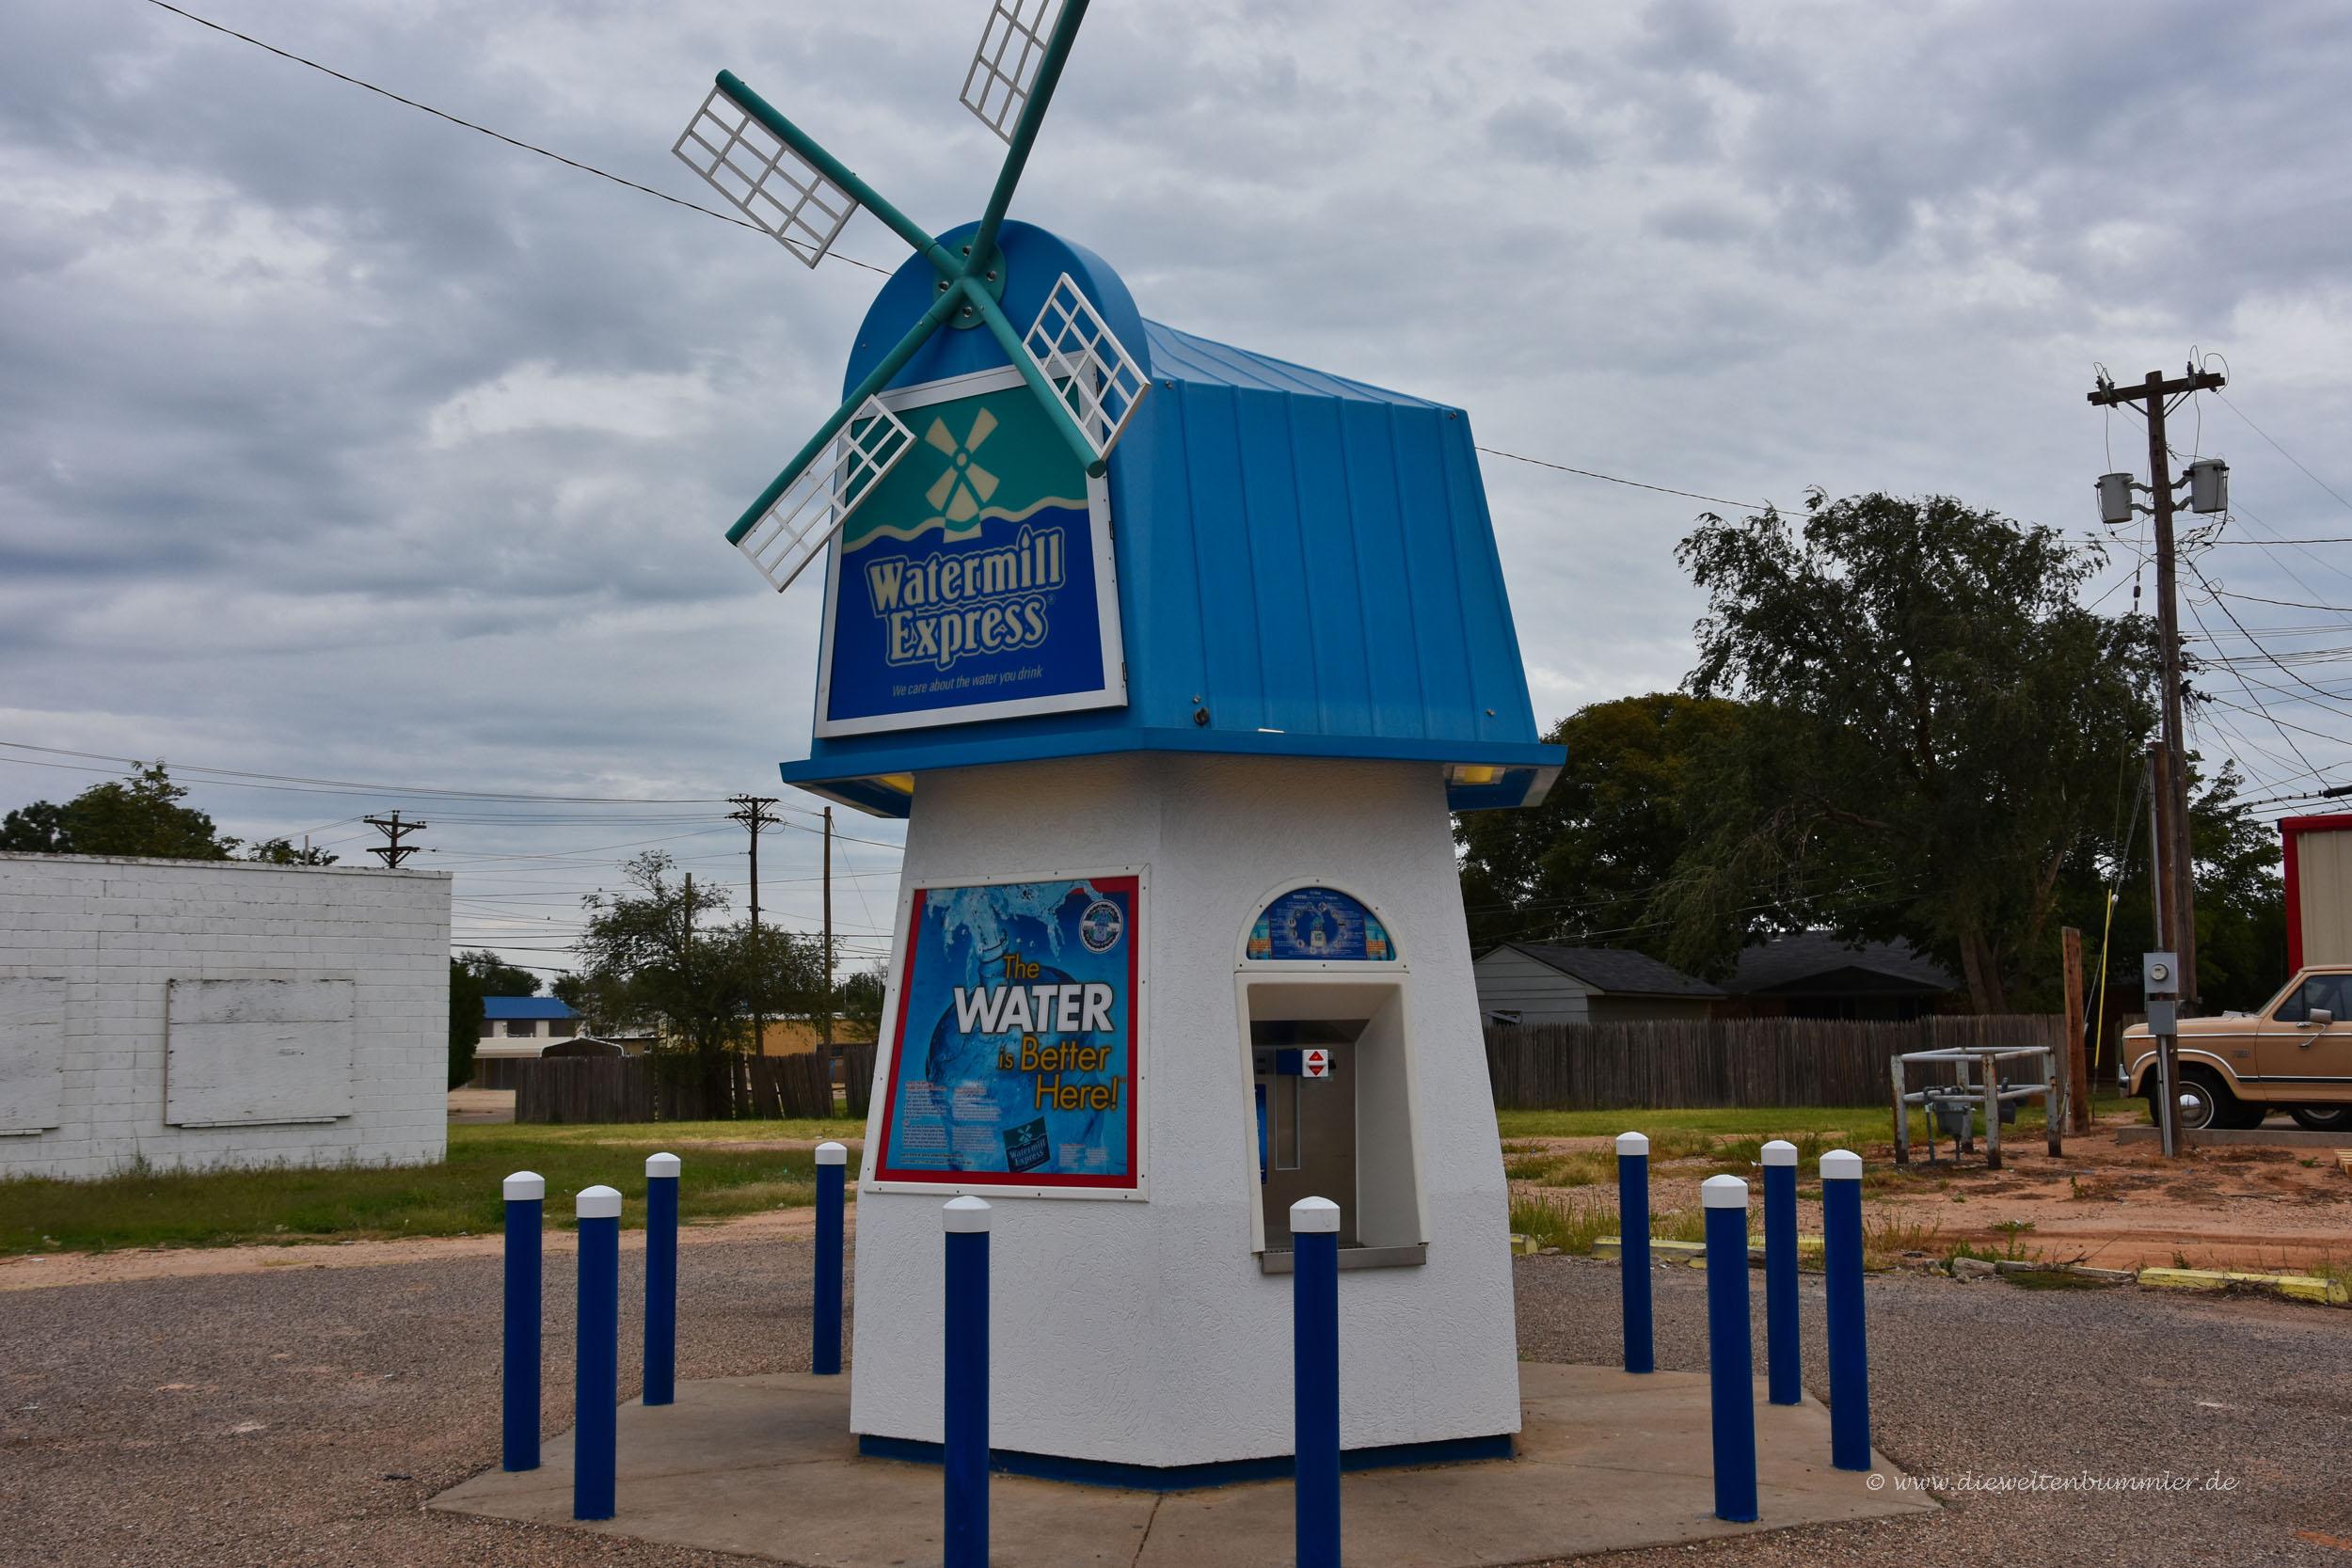 An dieser Windmühle gibt es immer Wasser